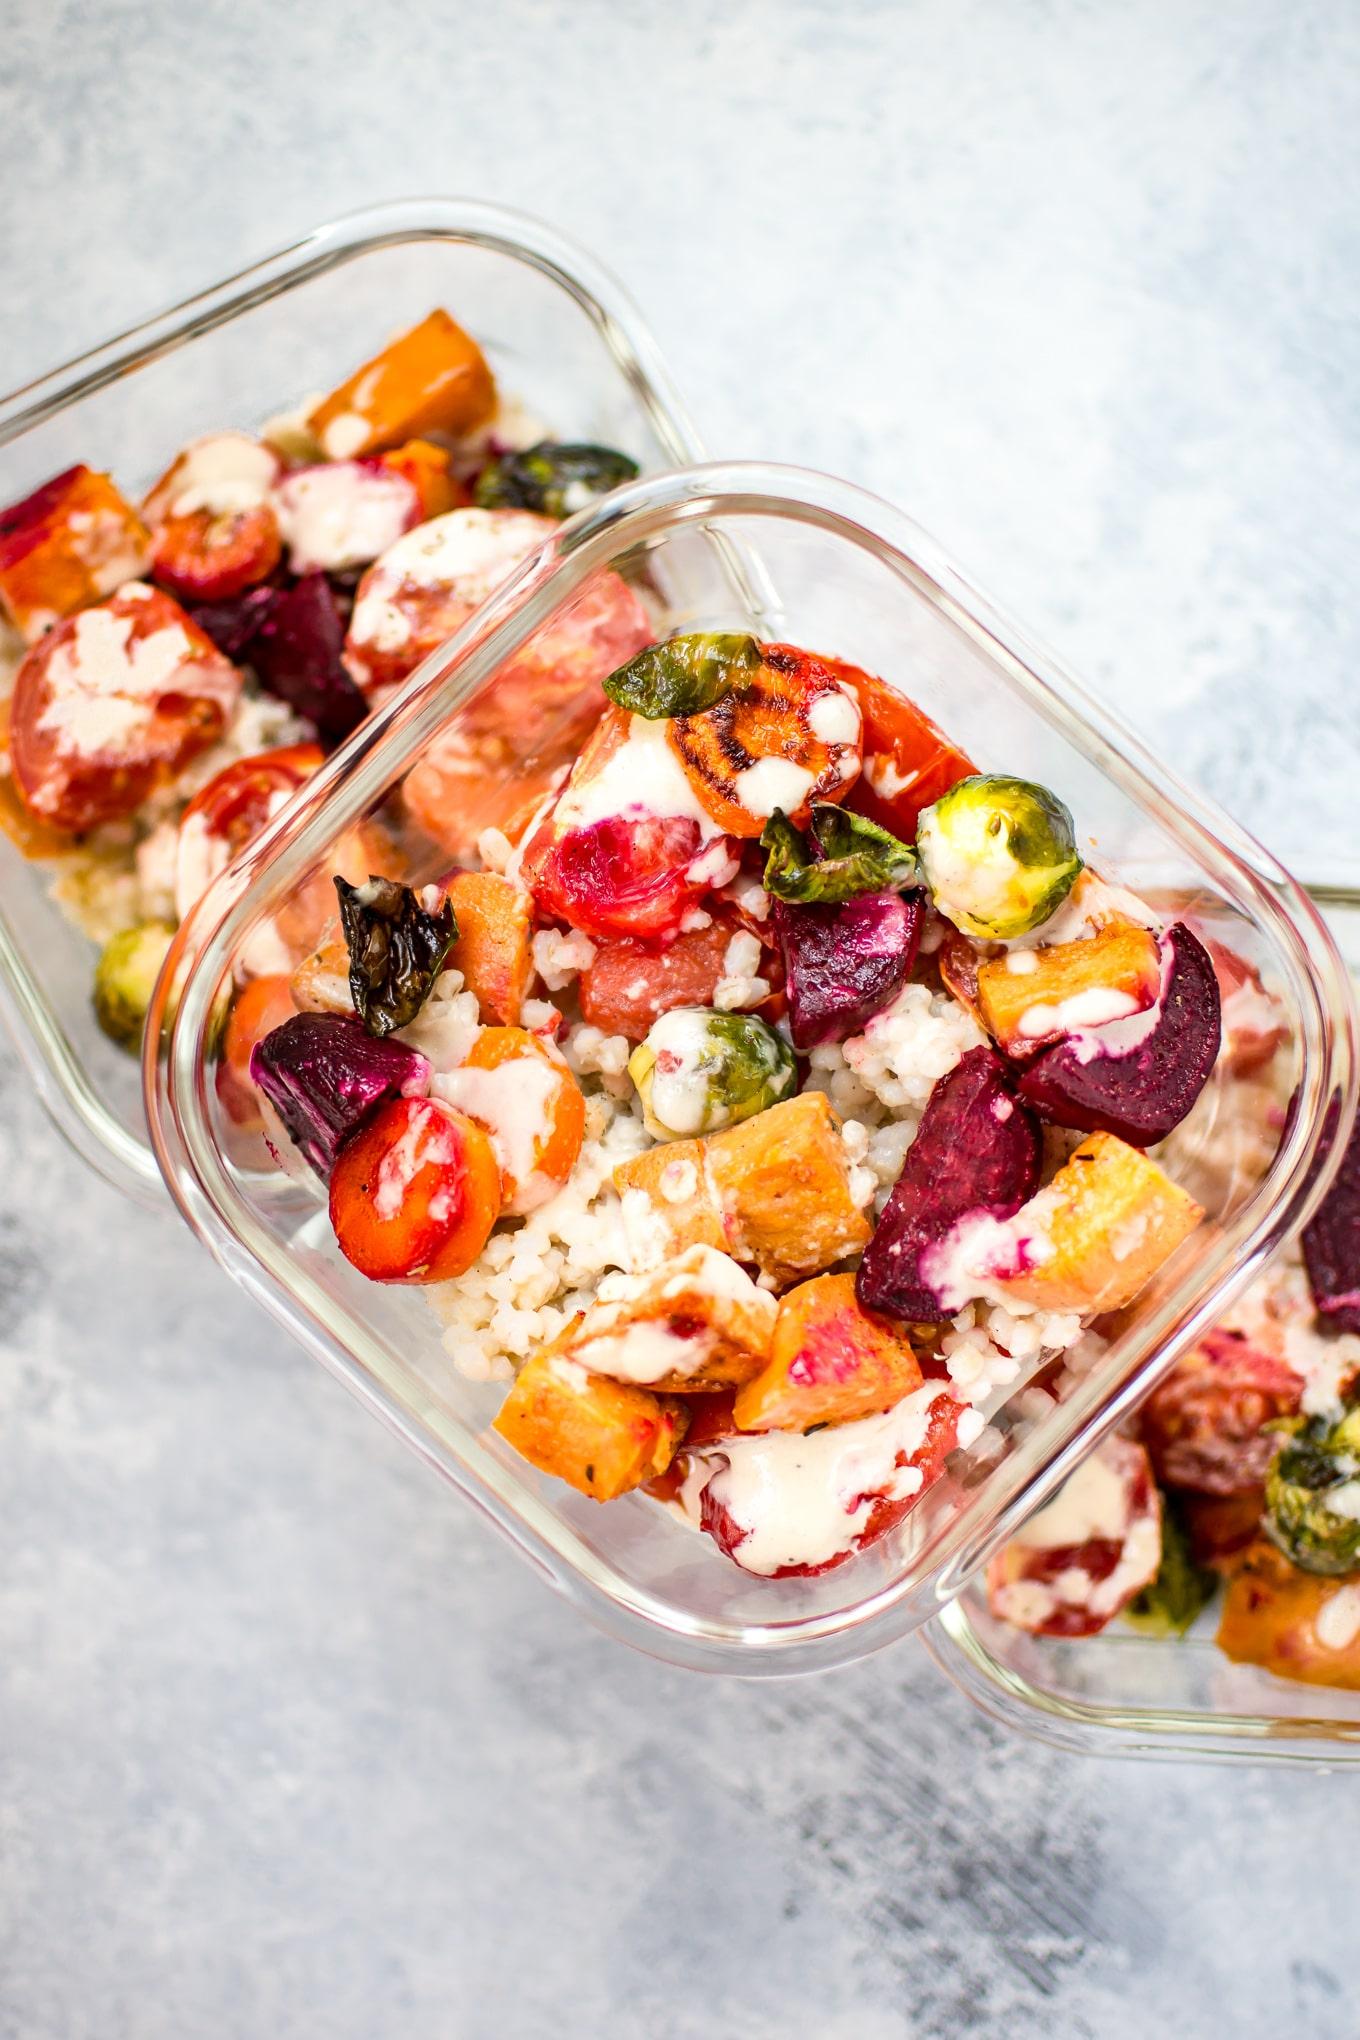 Roasted Vegetable Salad with Barley • Salt & Lavender